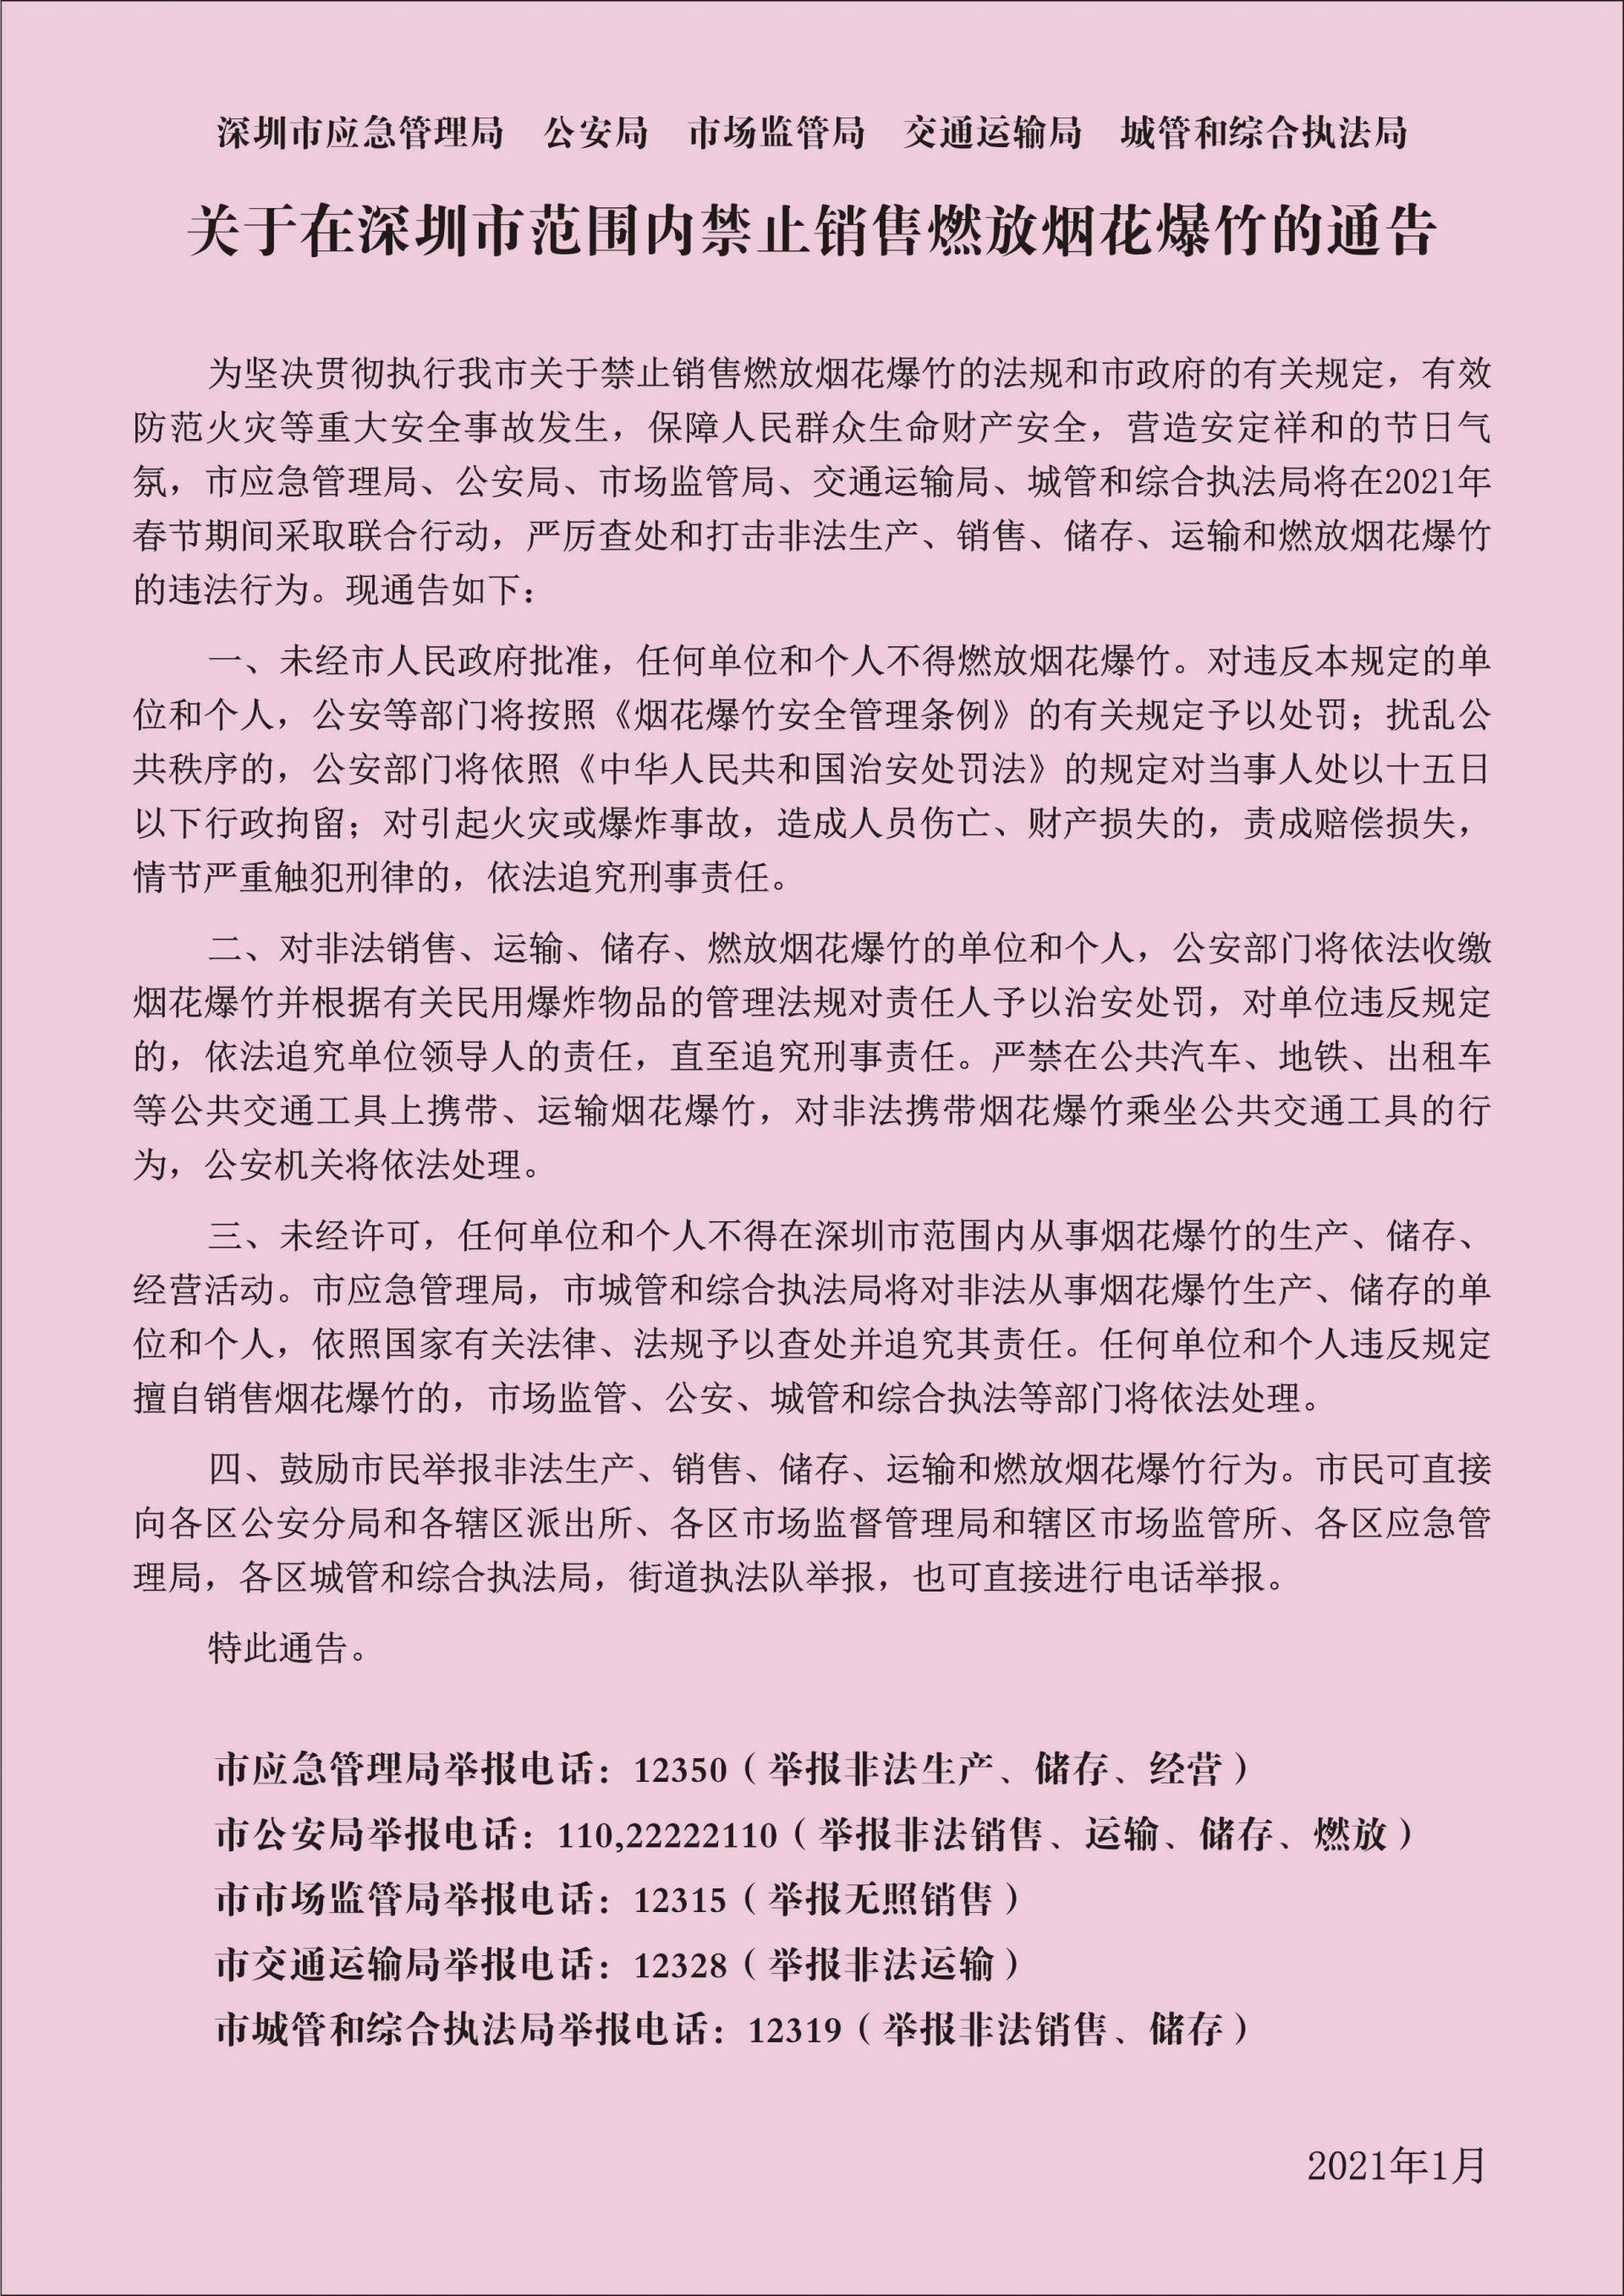 深圳一快递藏300余件烟花棒被查